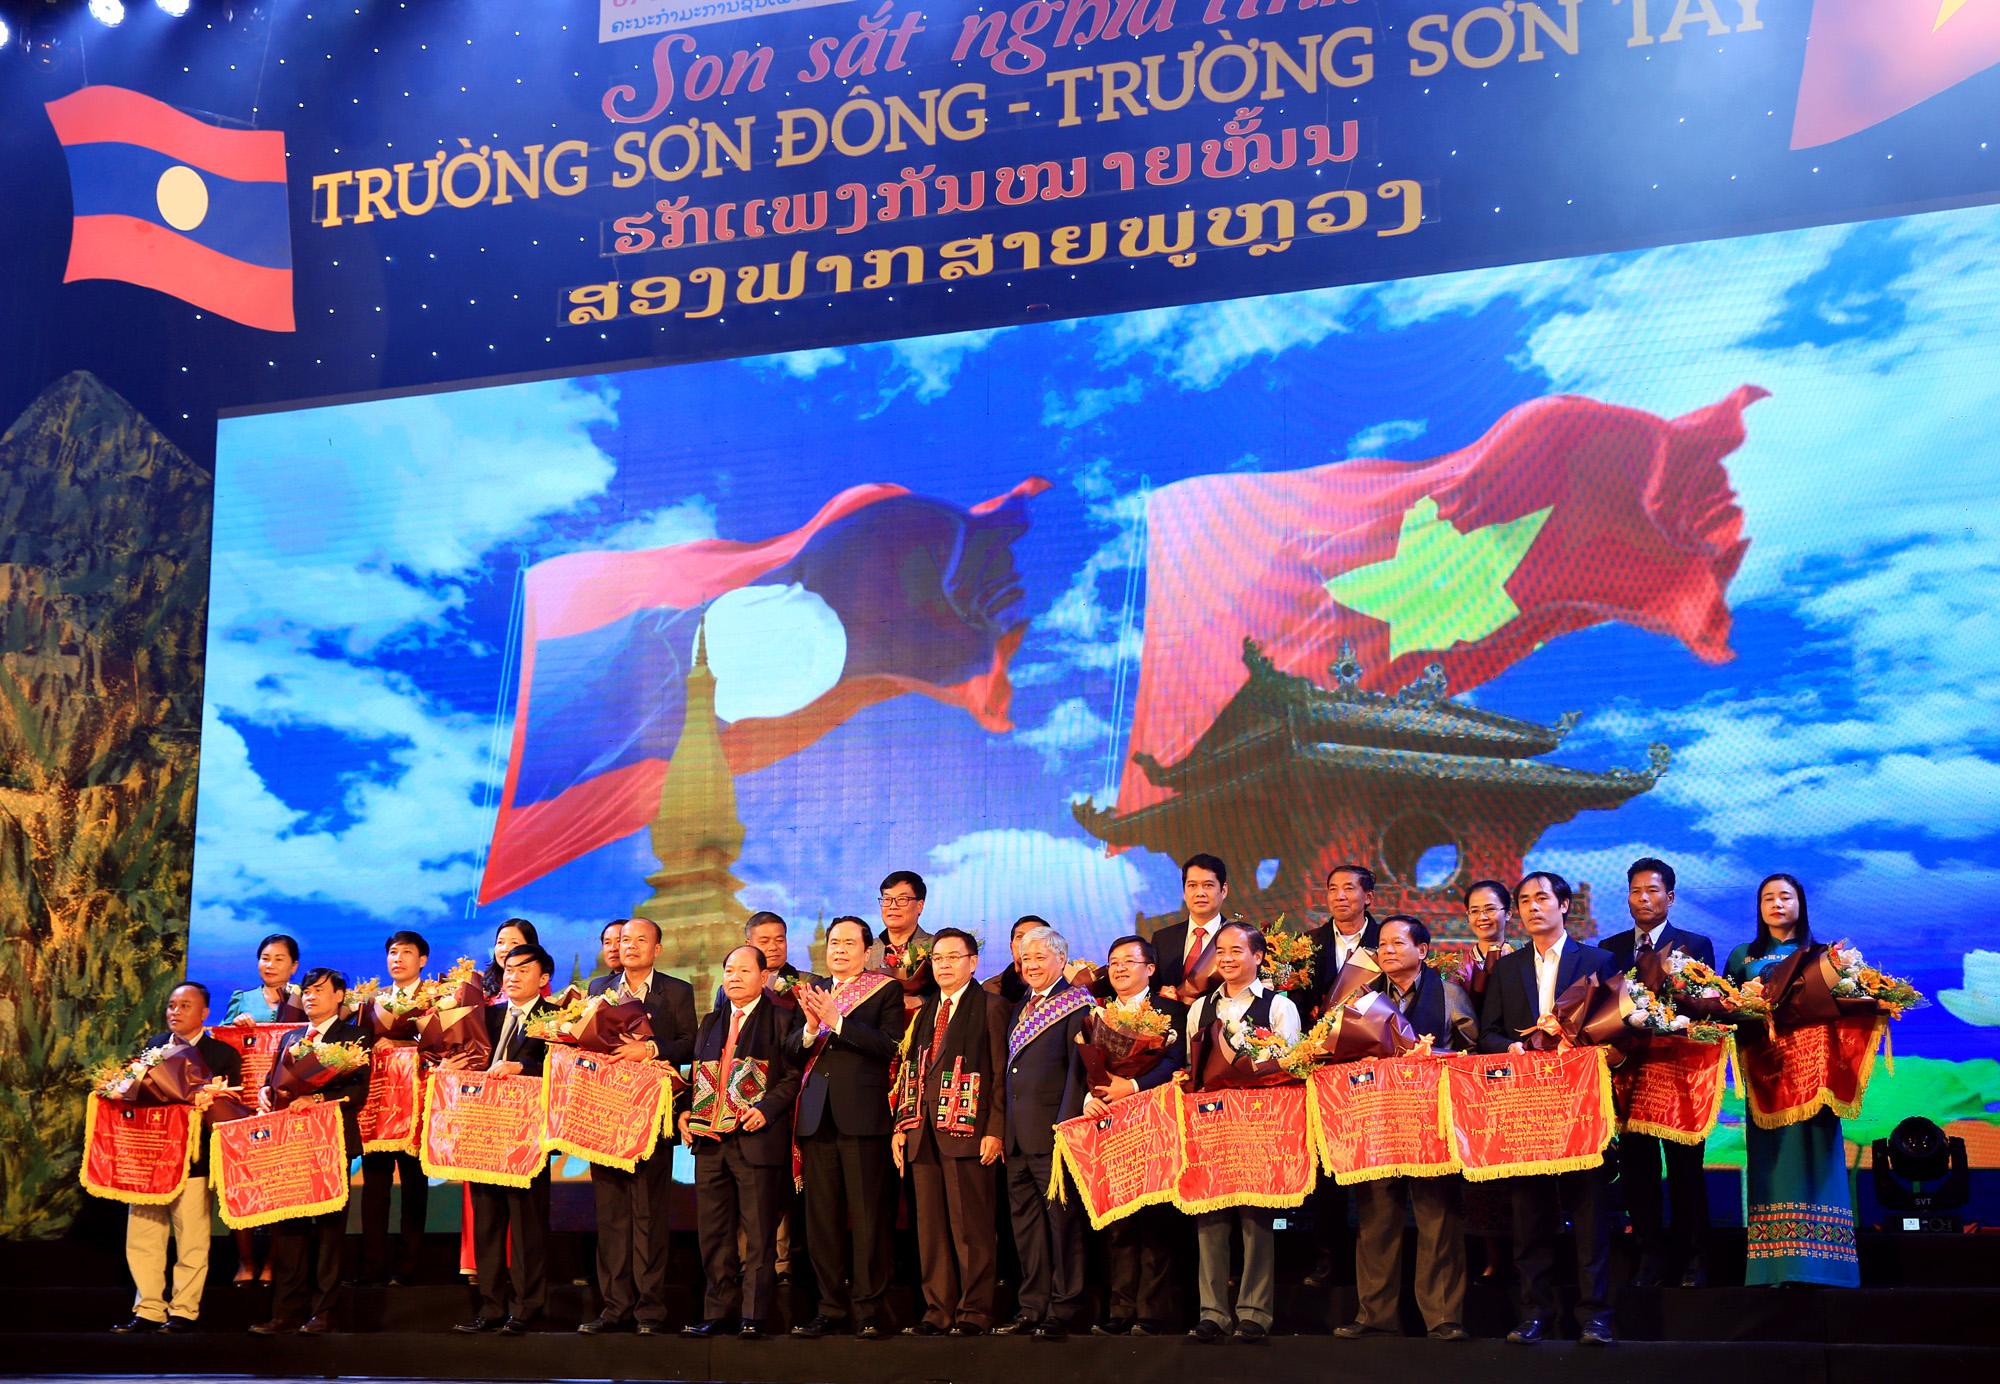 Các đồng chí lãnh đạo tặng Cờ lưu niệm cho đại diện các tỉnh Việt Nam và Lào tham gia Chương trình giao lưu Nhân dân giữa đồng bào DTTS, Người có uy tín sinh sống dọc tuyến biên giới Việt - Lào